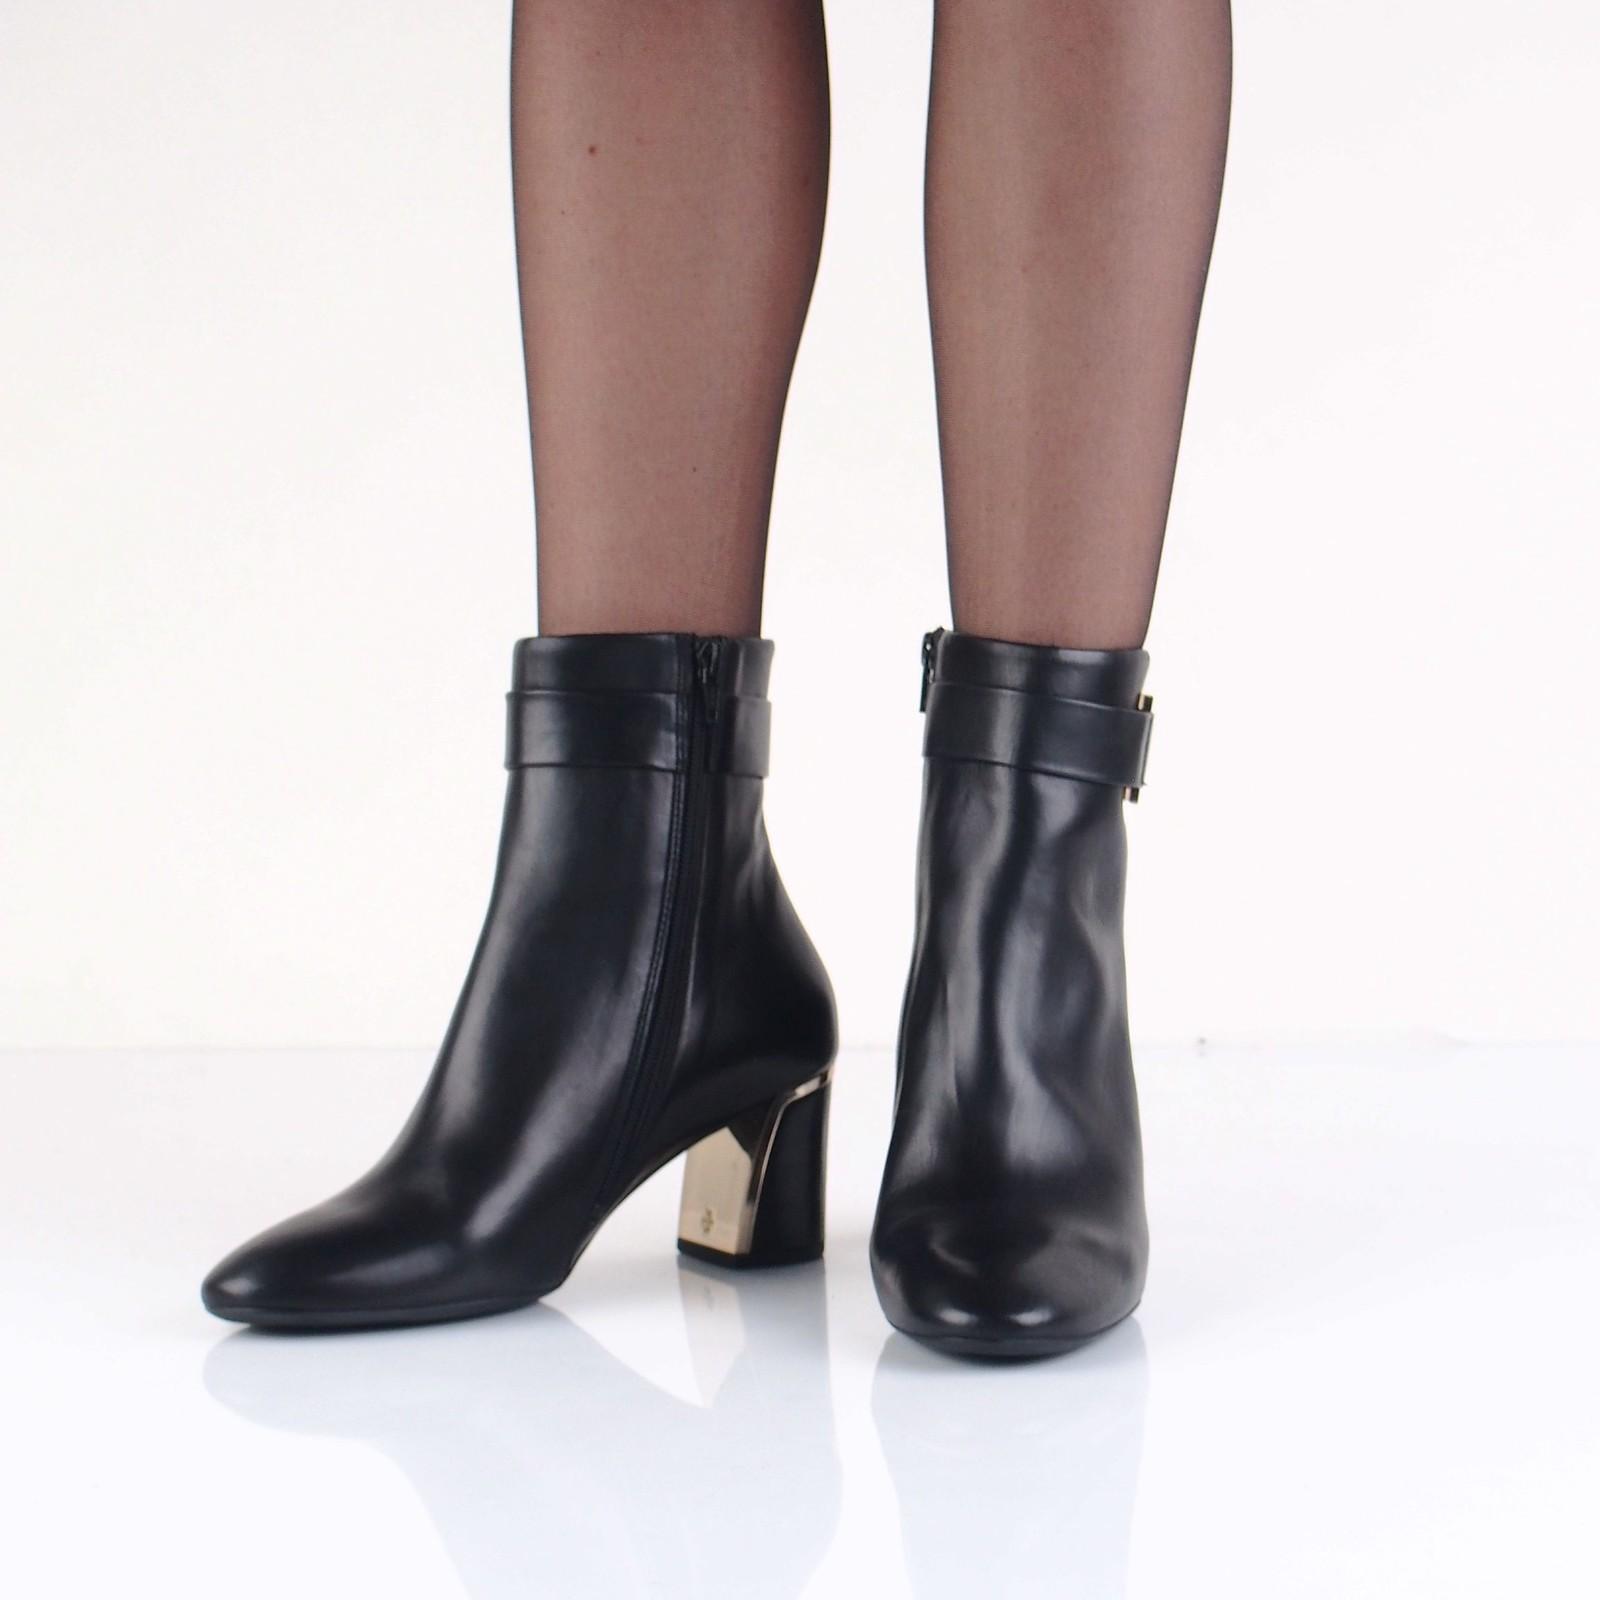 Högl dámské stylové kožené kotníkové boty na vysokém podpatku - černé